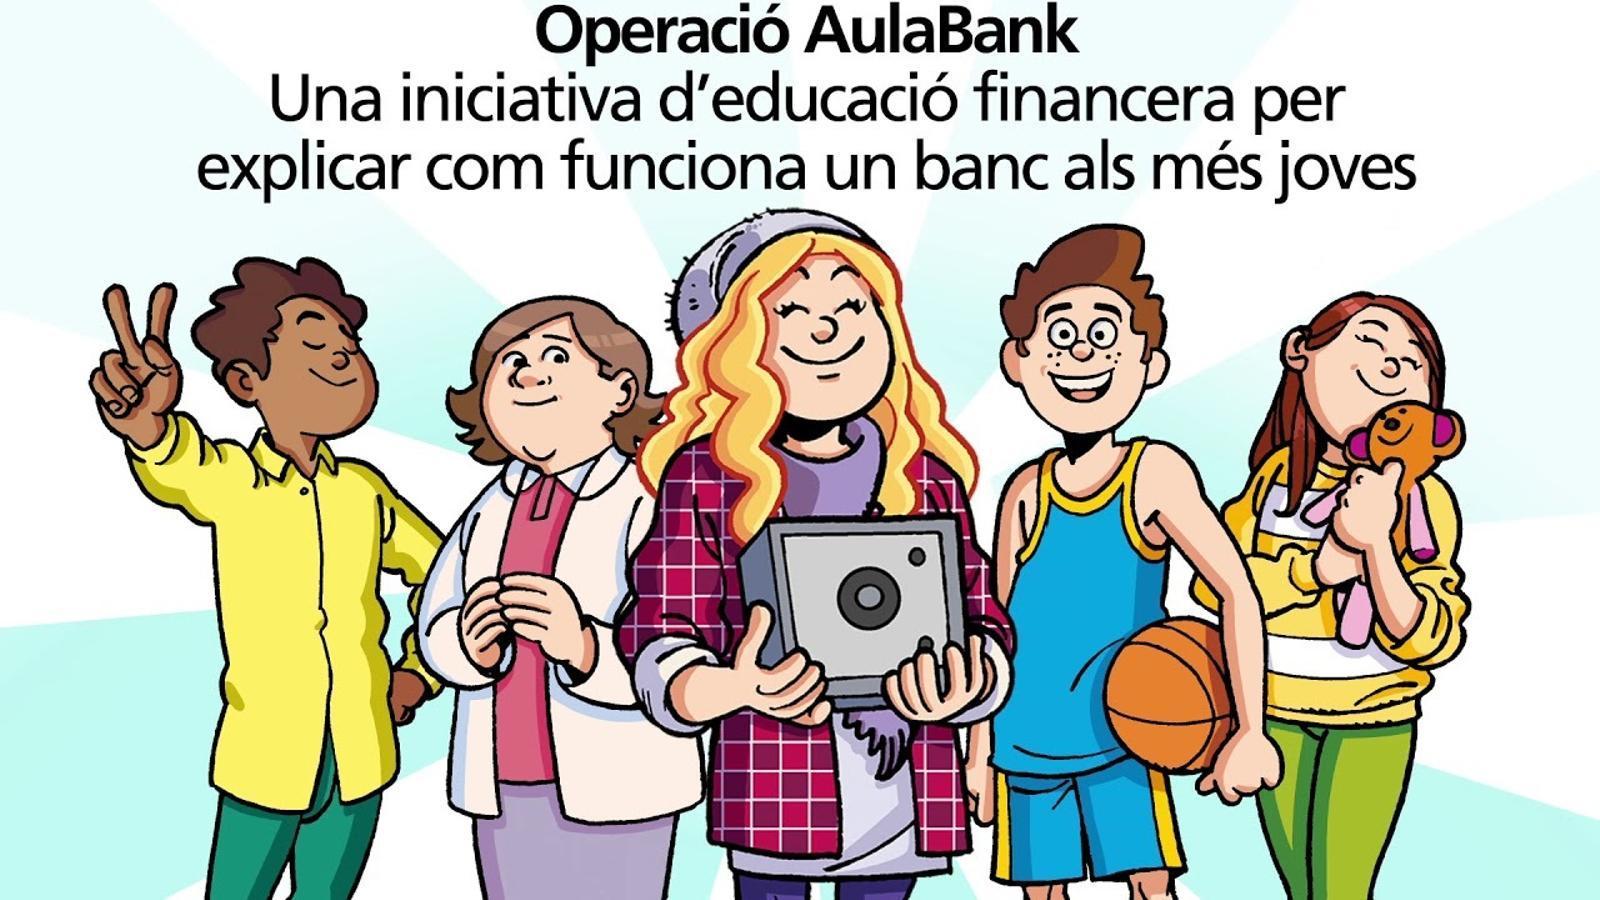 Caixabank: finances per als més joves